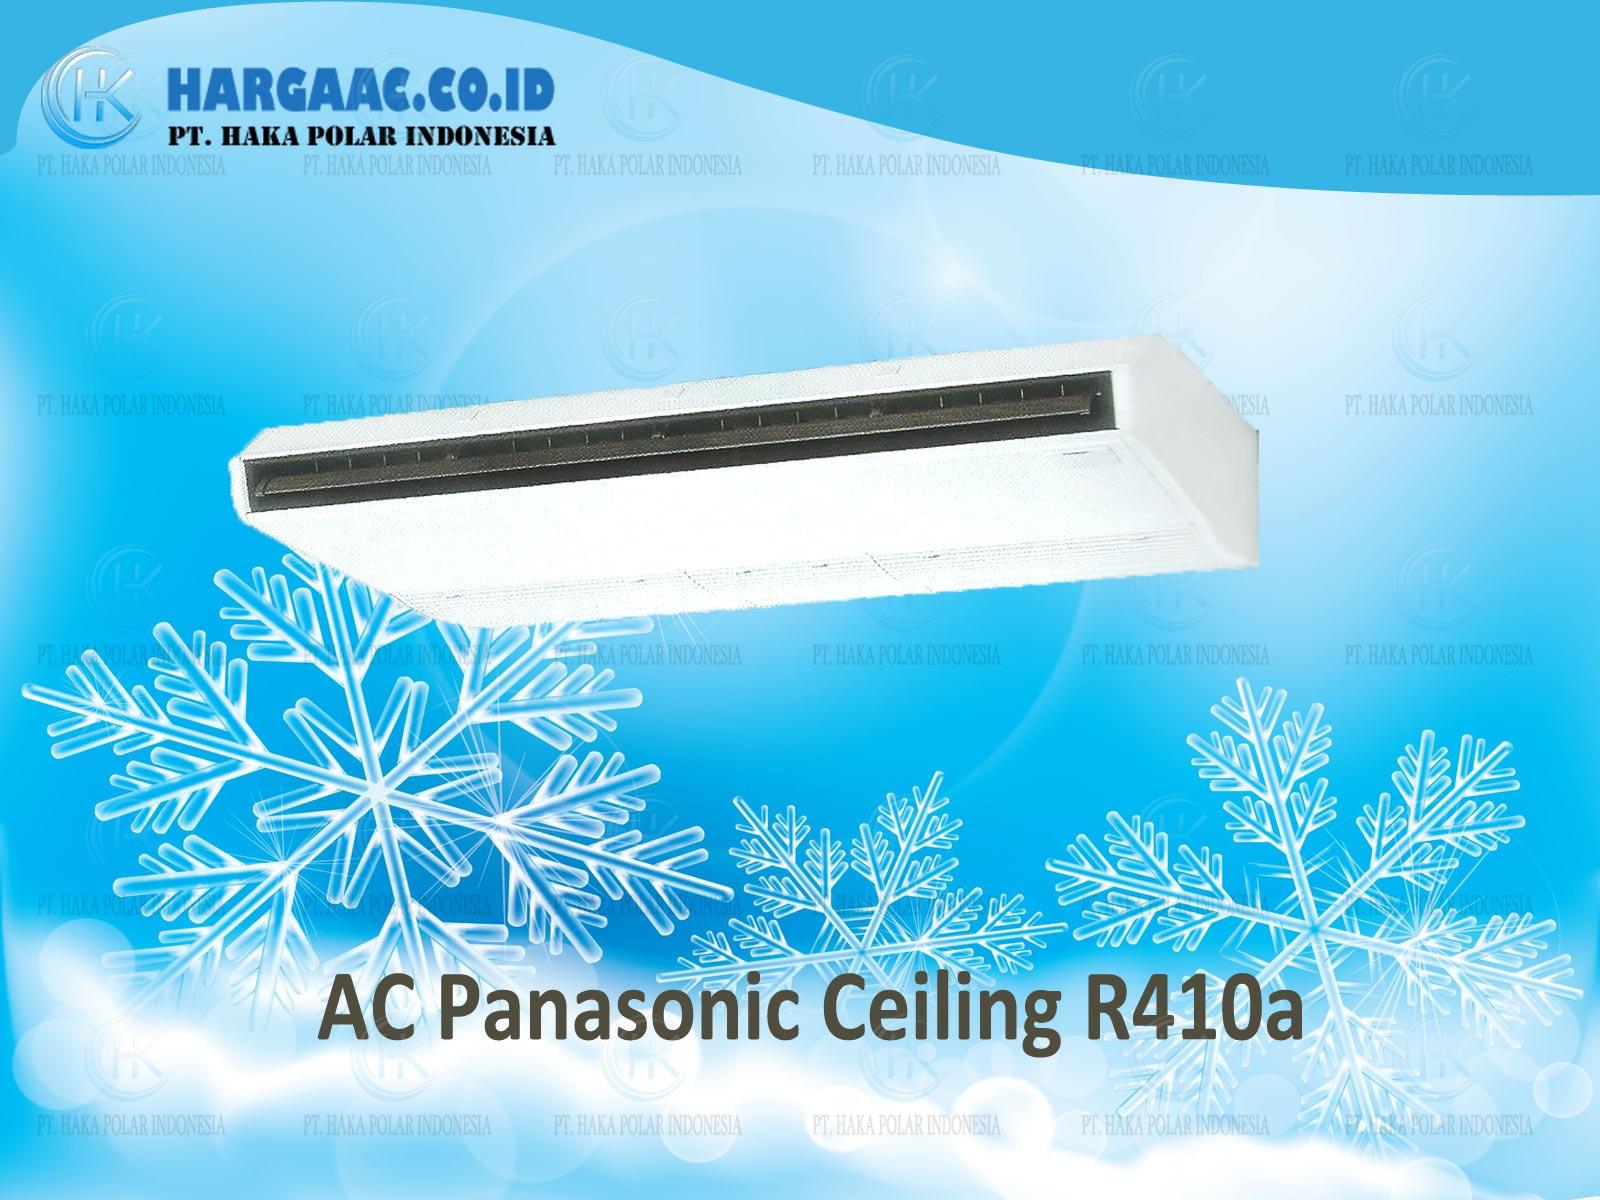 Harga Jual AC Panasonic Ceiling di Tangerang